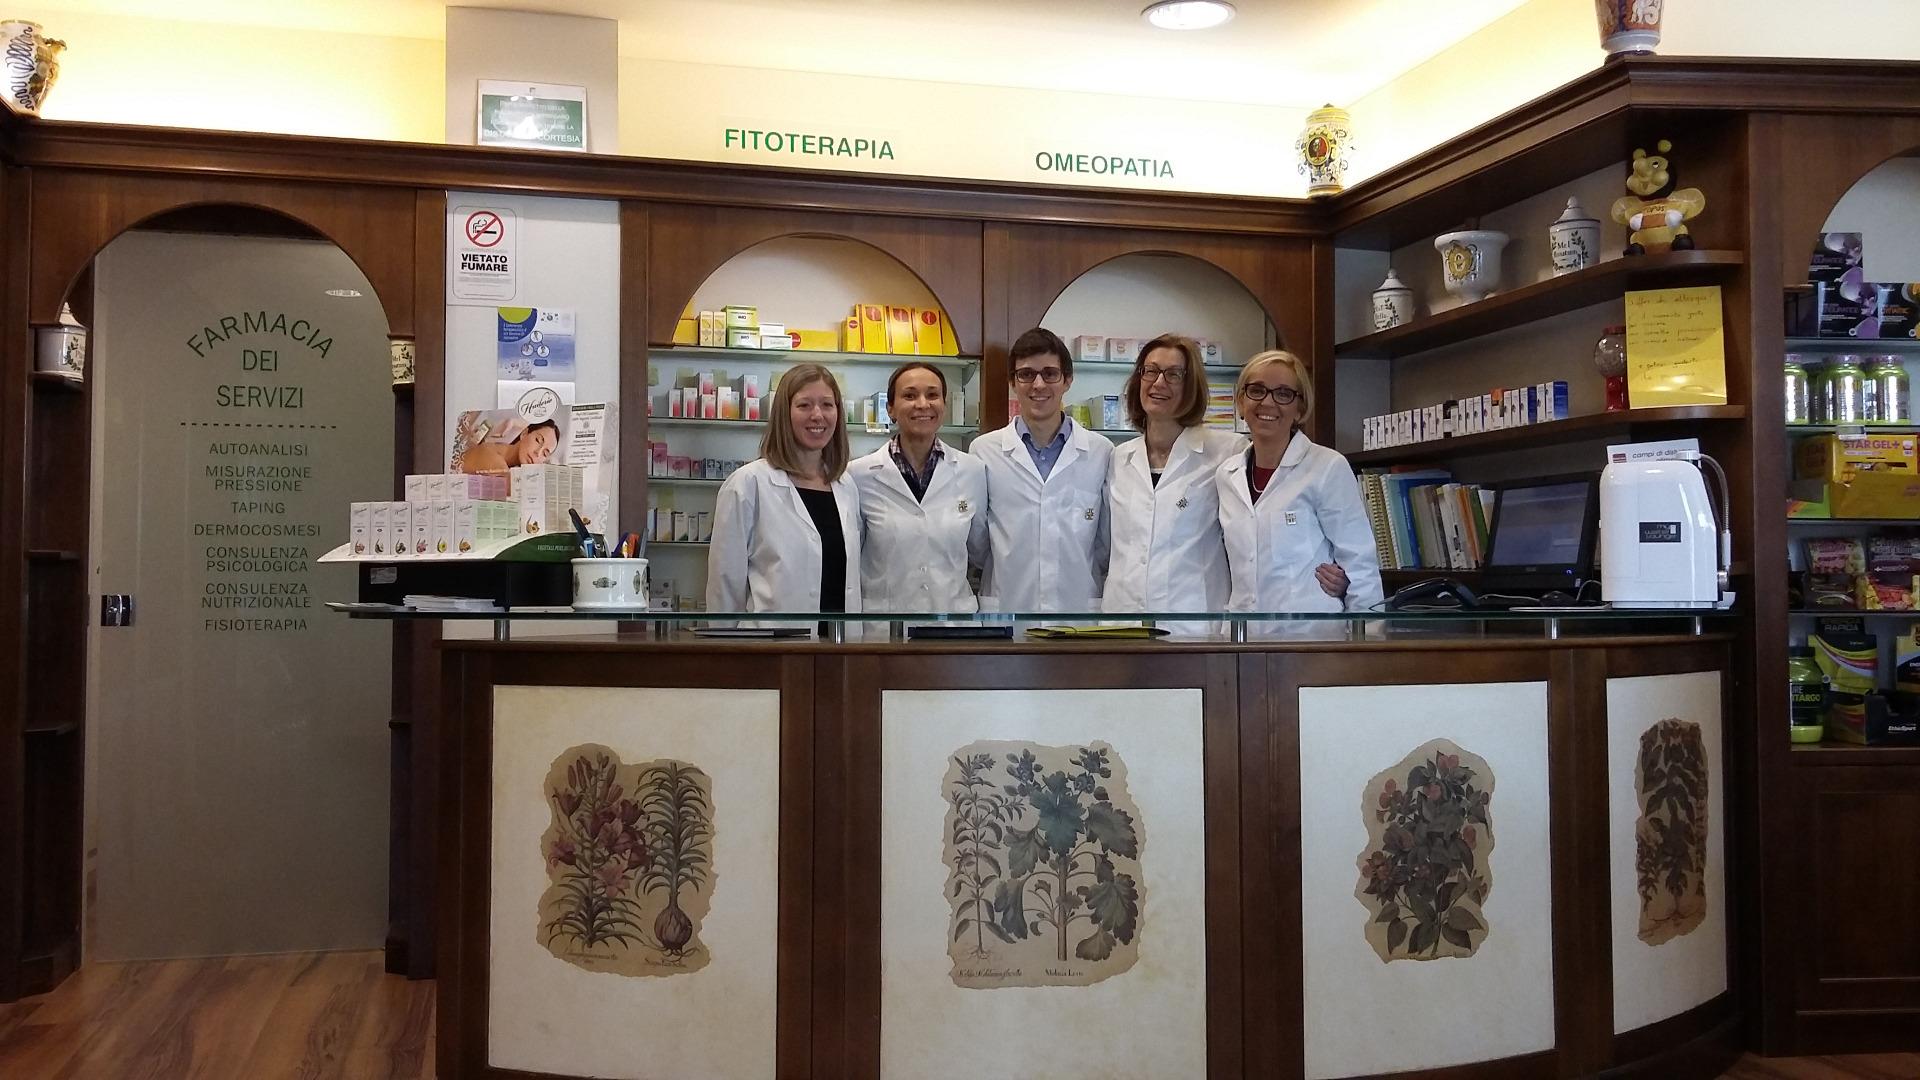 farmacia-tombolato-staff